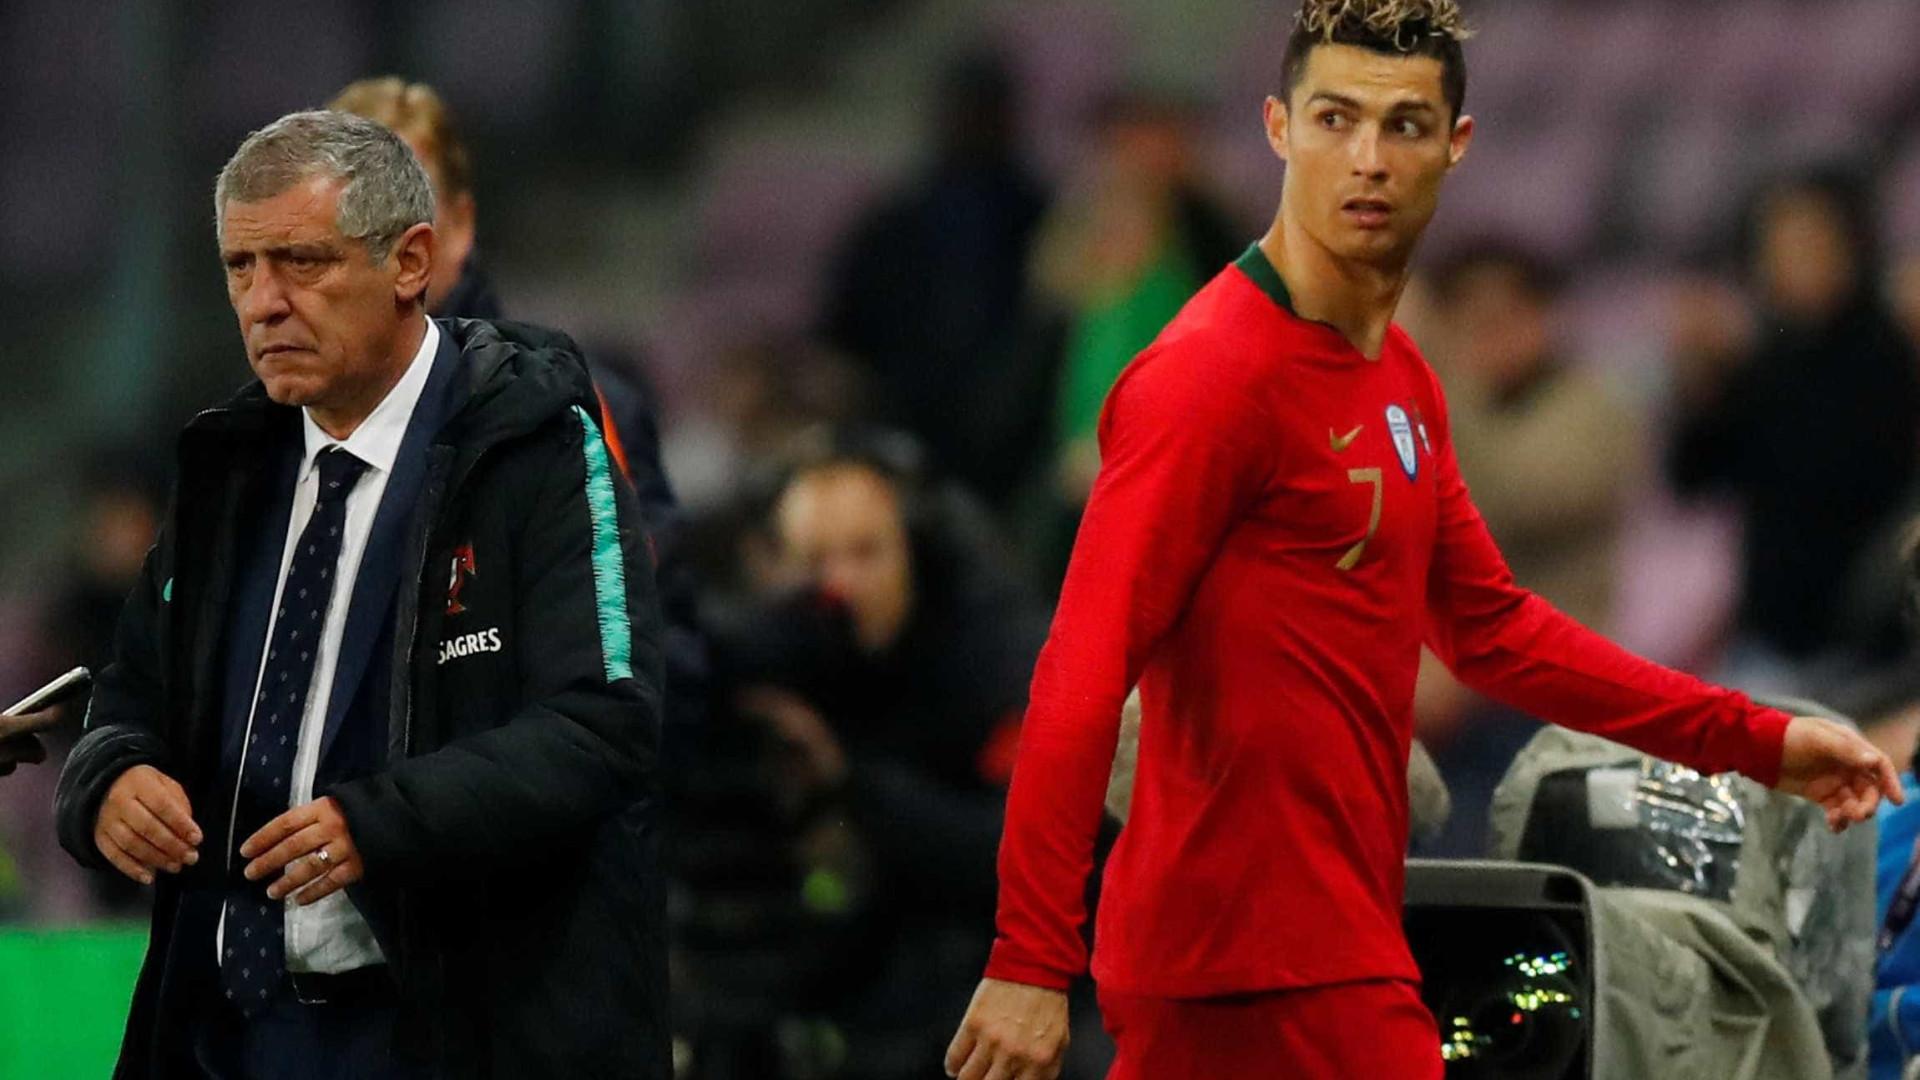 eea98a45fa439 Mundial  Já não há bilhetes para o Portugal-Espanha